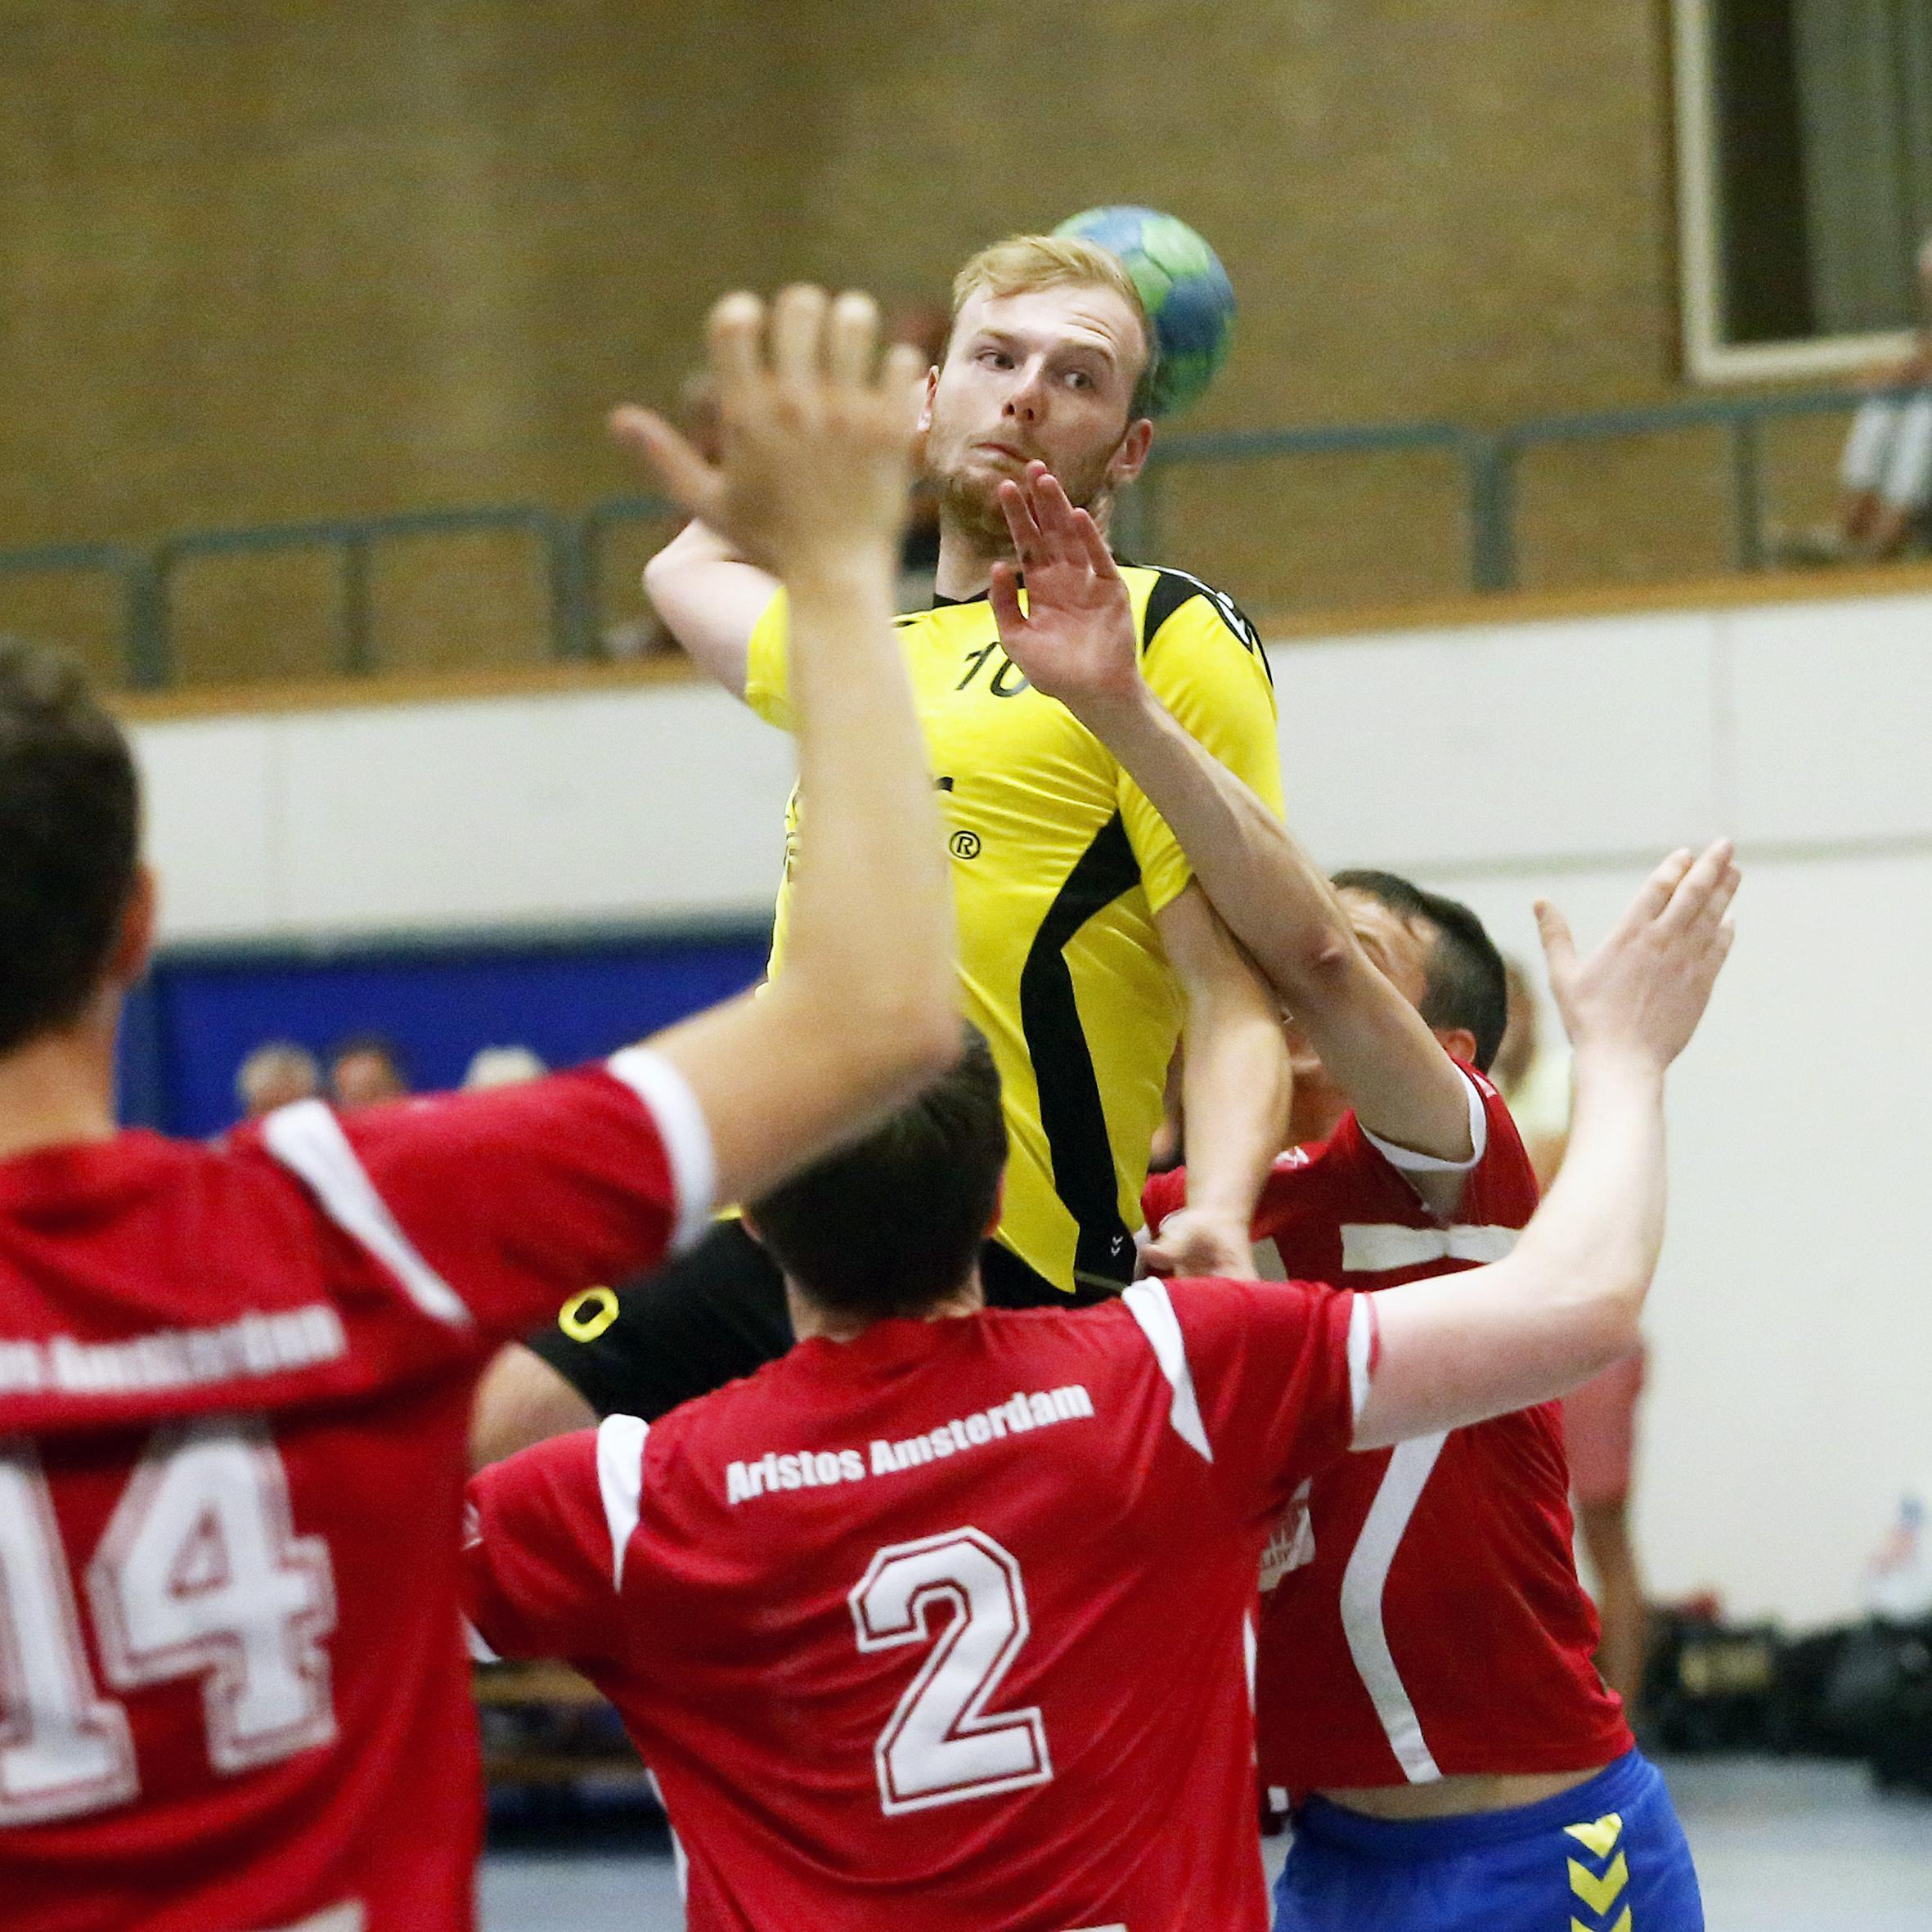 Handbal: Spanning, sensatie en succes bij langverwachte rentree HV Eemland in eerste divisie